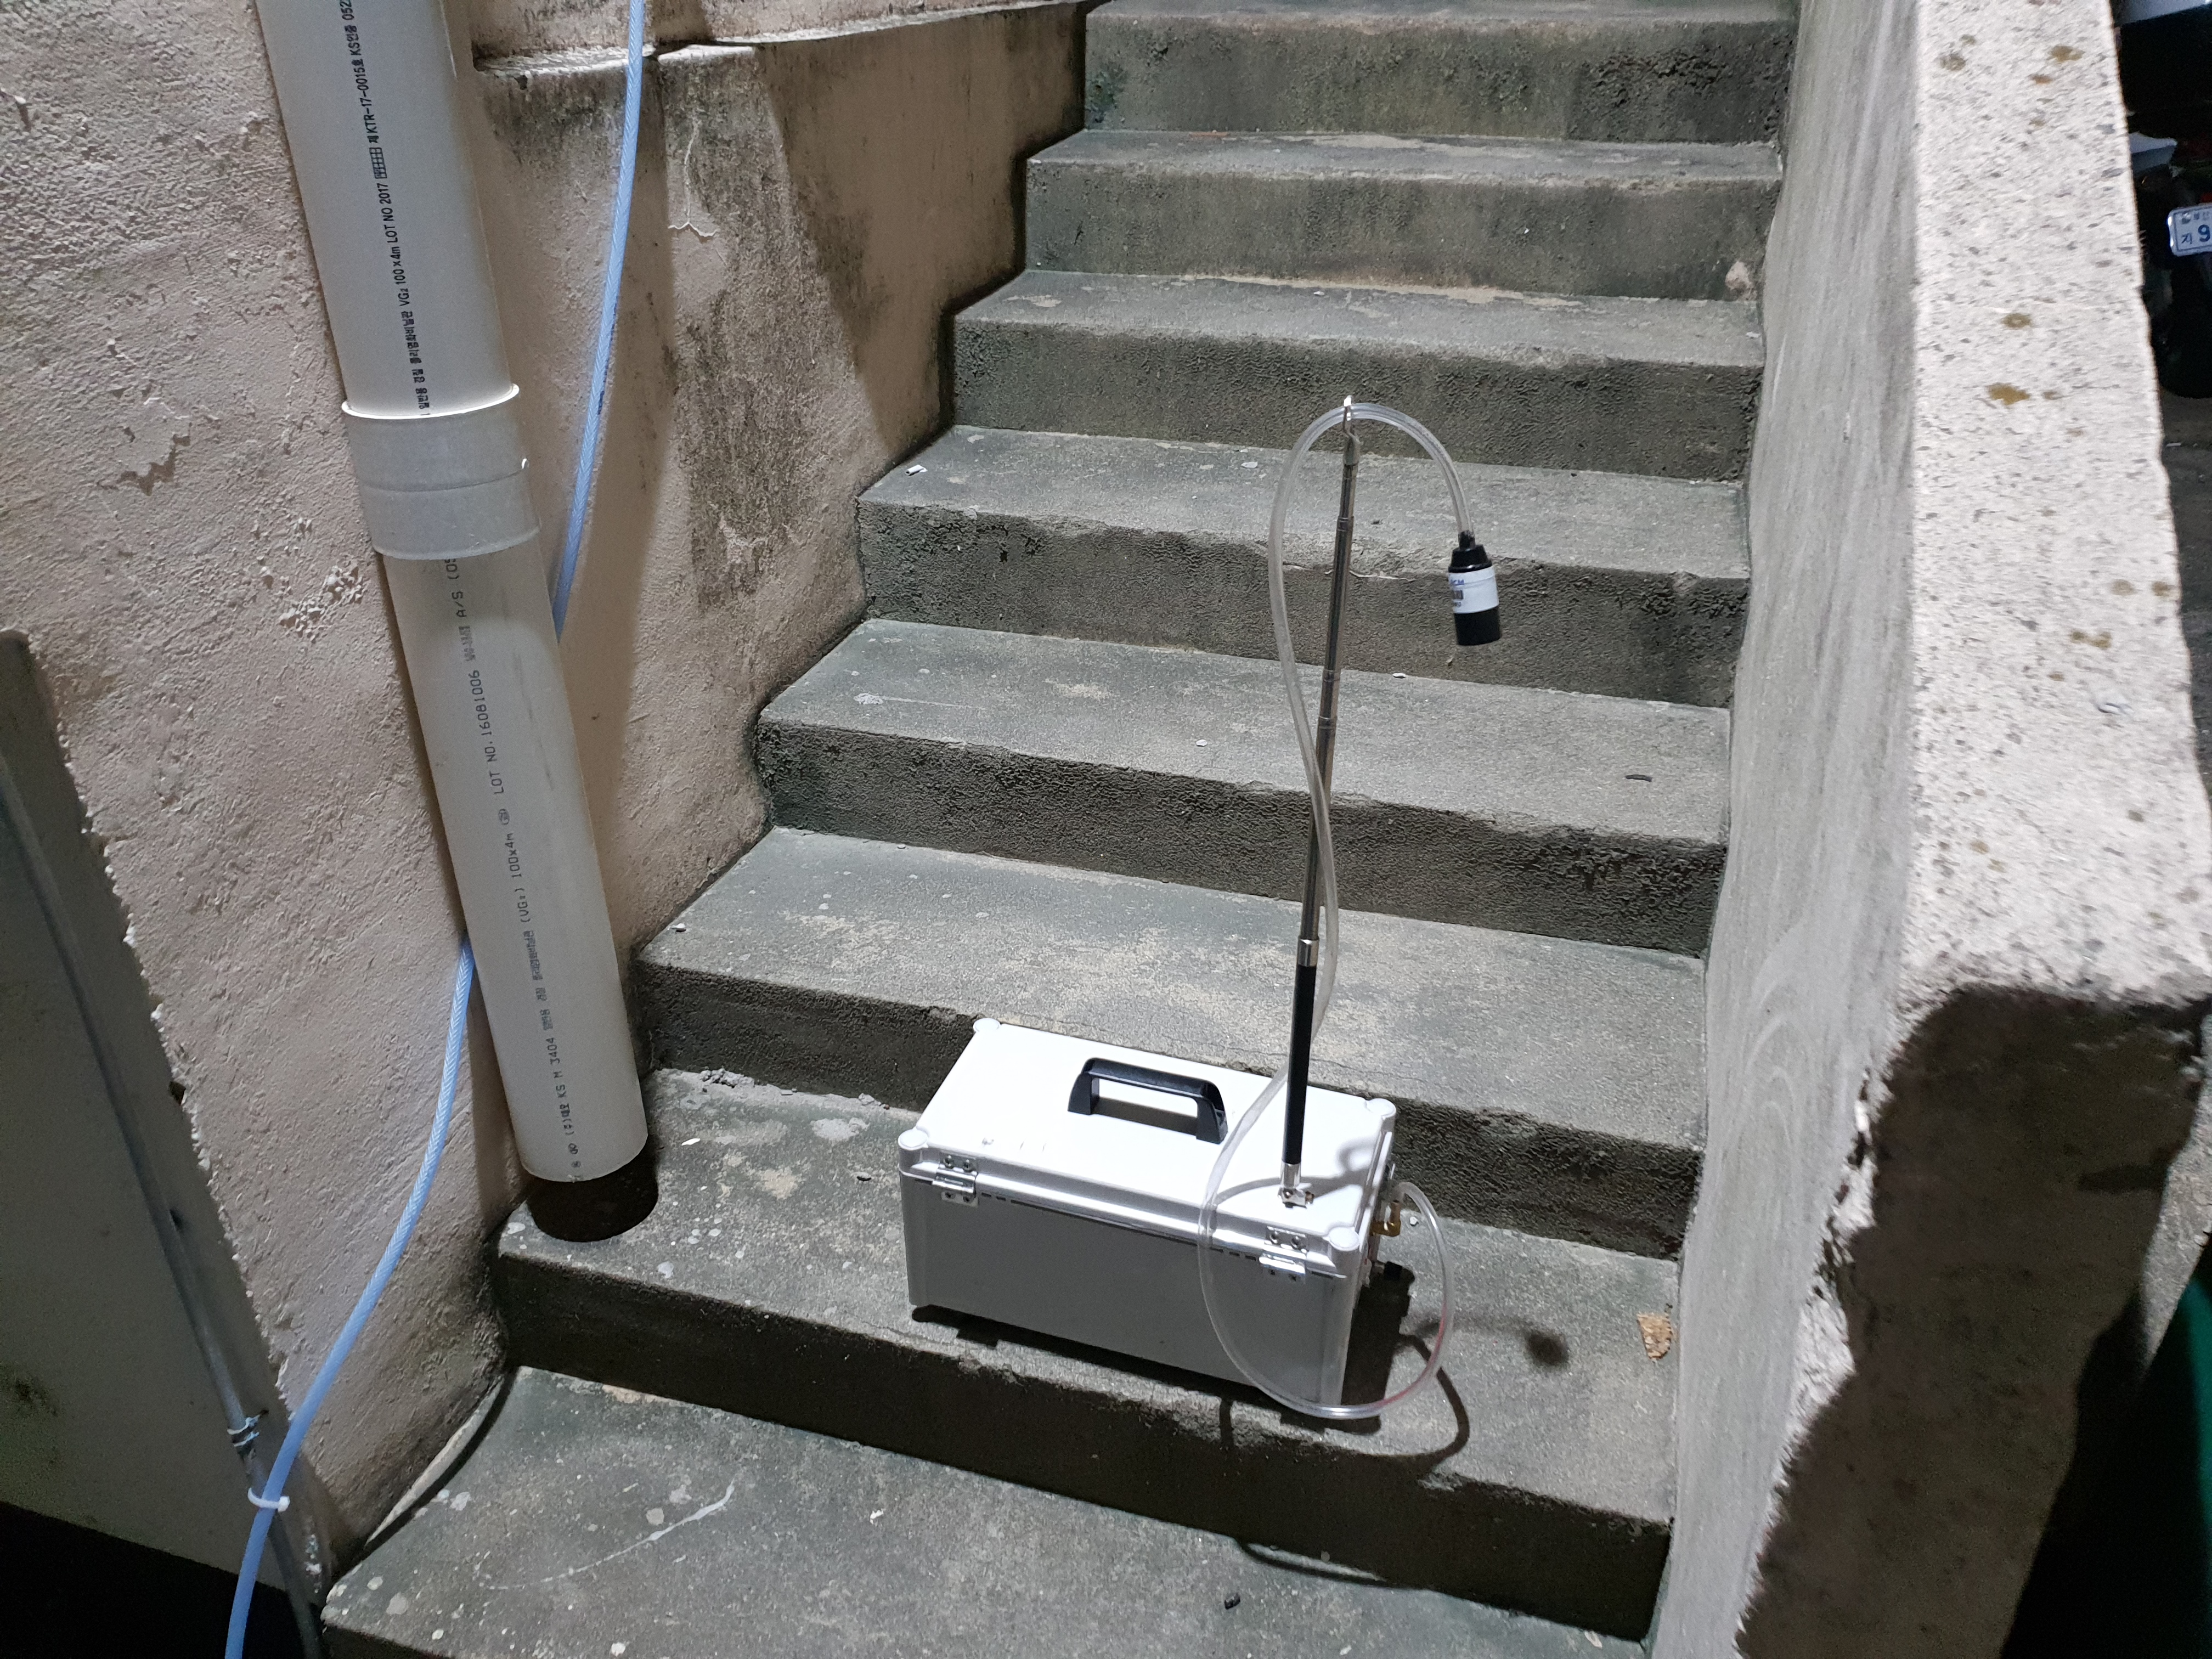 4 번째 사진 부산동부경찰서 에  연면적 ㎡ 동구 중앙대로 387 농도측정, 비산농도측정